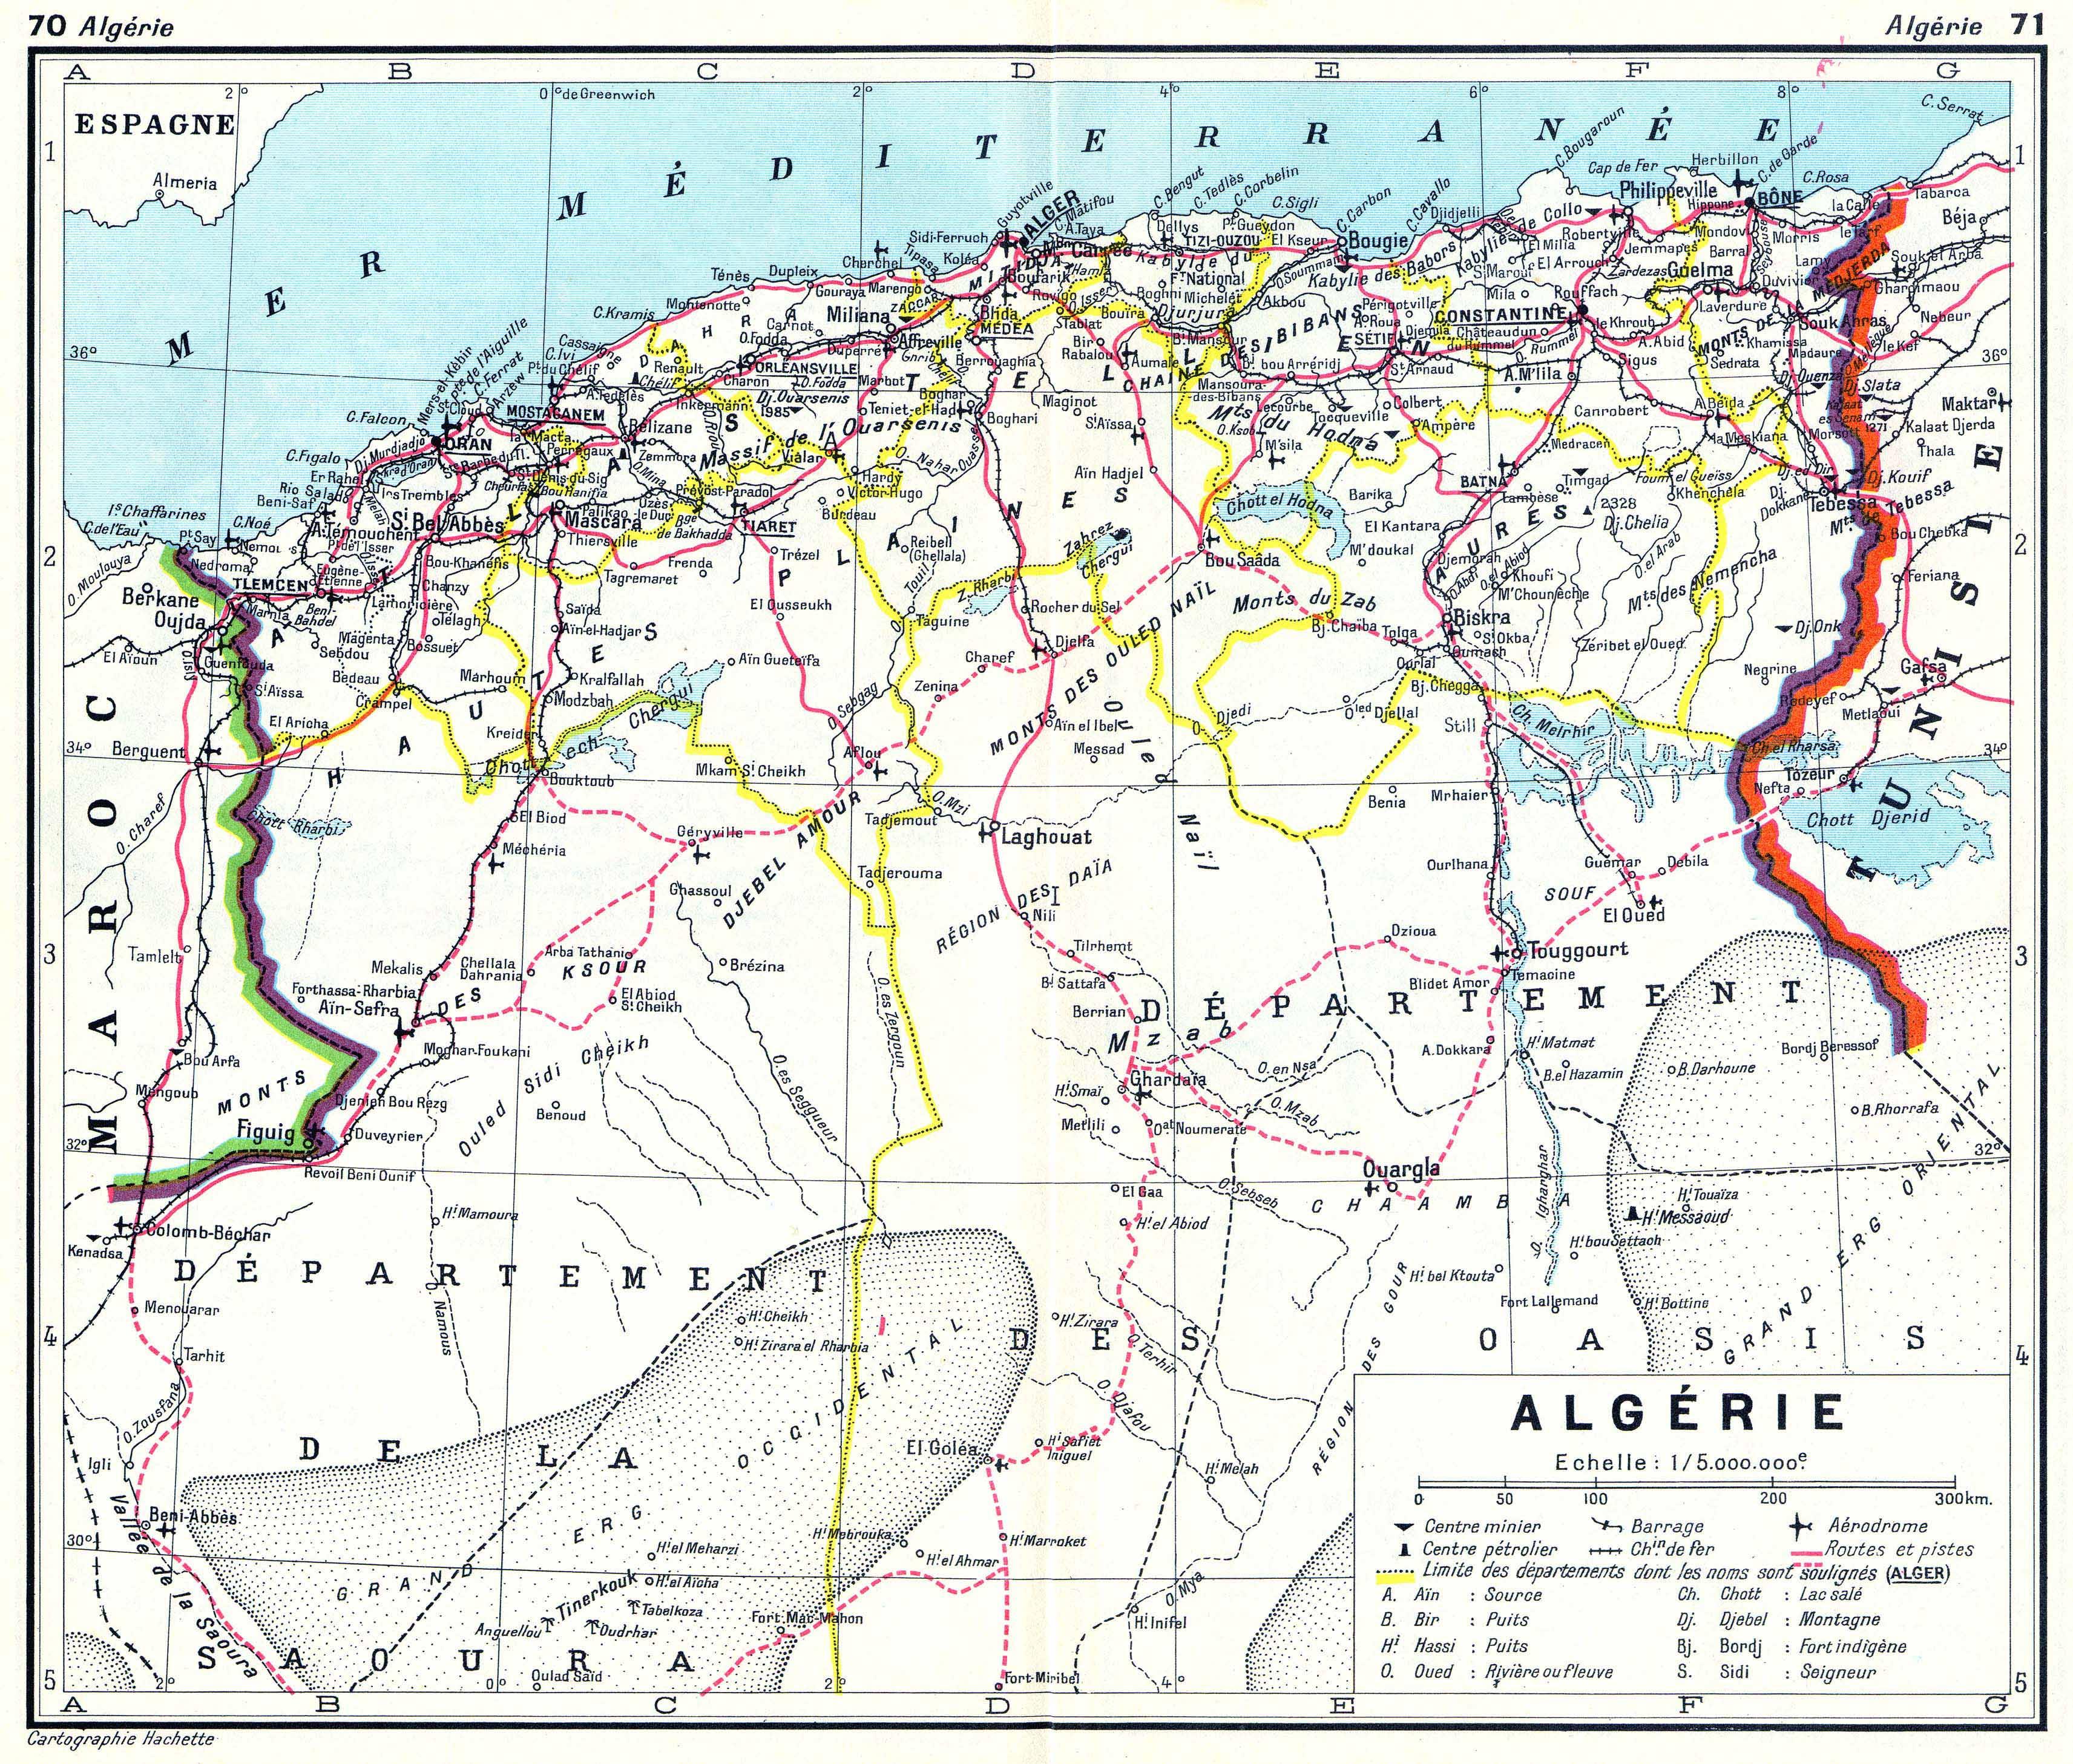 ... Algeria: Algérie ...